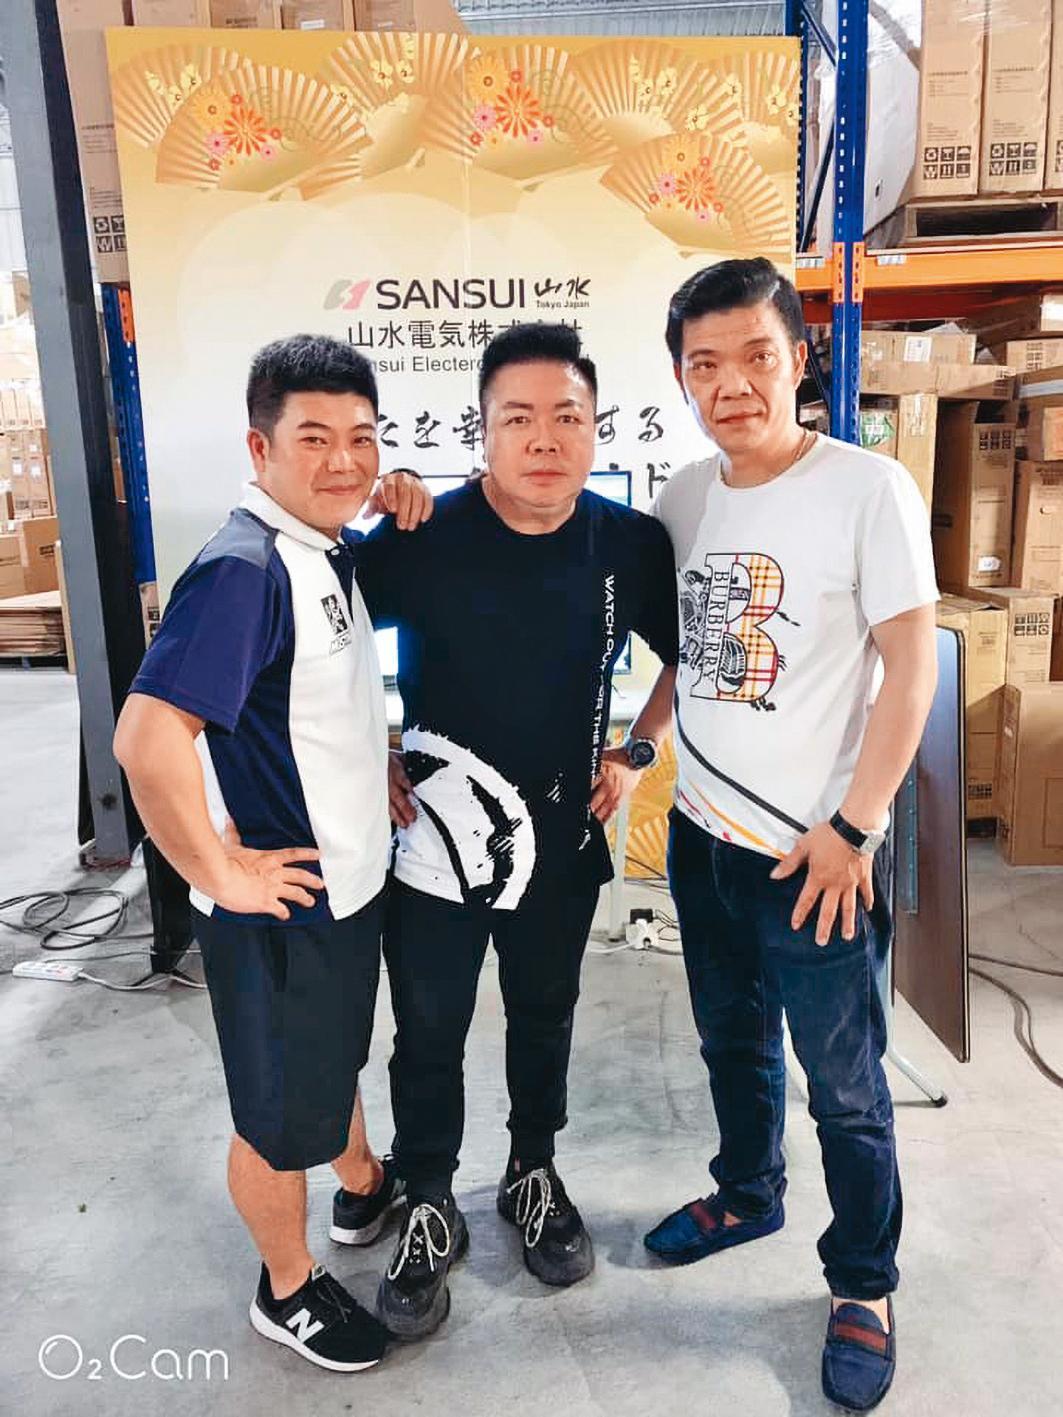 馬國畢(左)是「王三郎來了」直播平台的主要藝人,兩人平均1週2場直播,月入24萬元以上。(翻攝自王三郎來了直播)